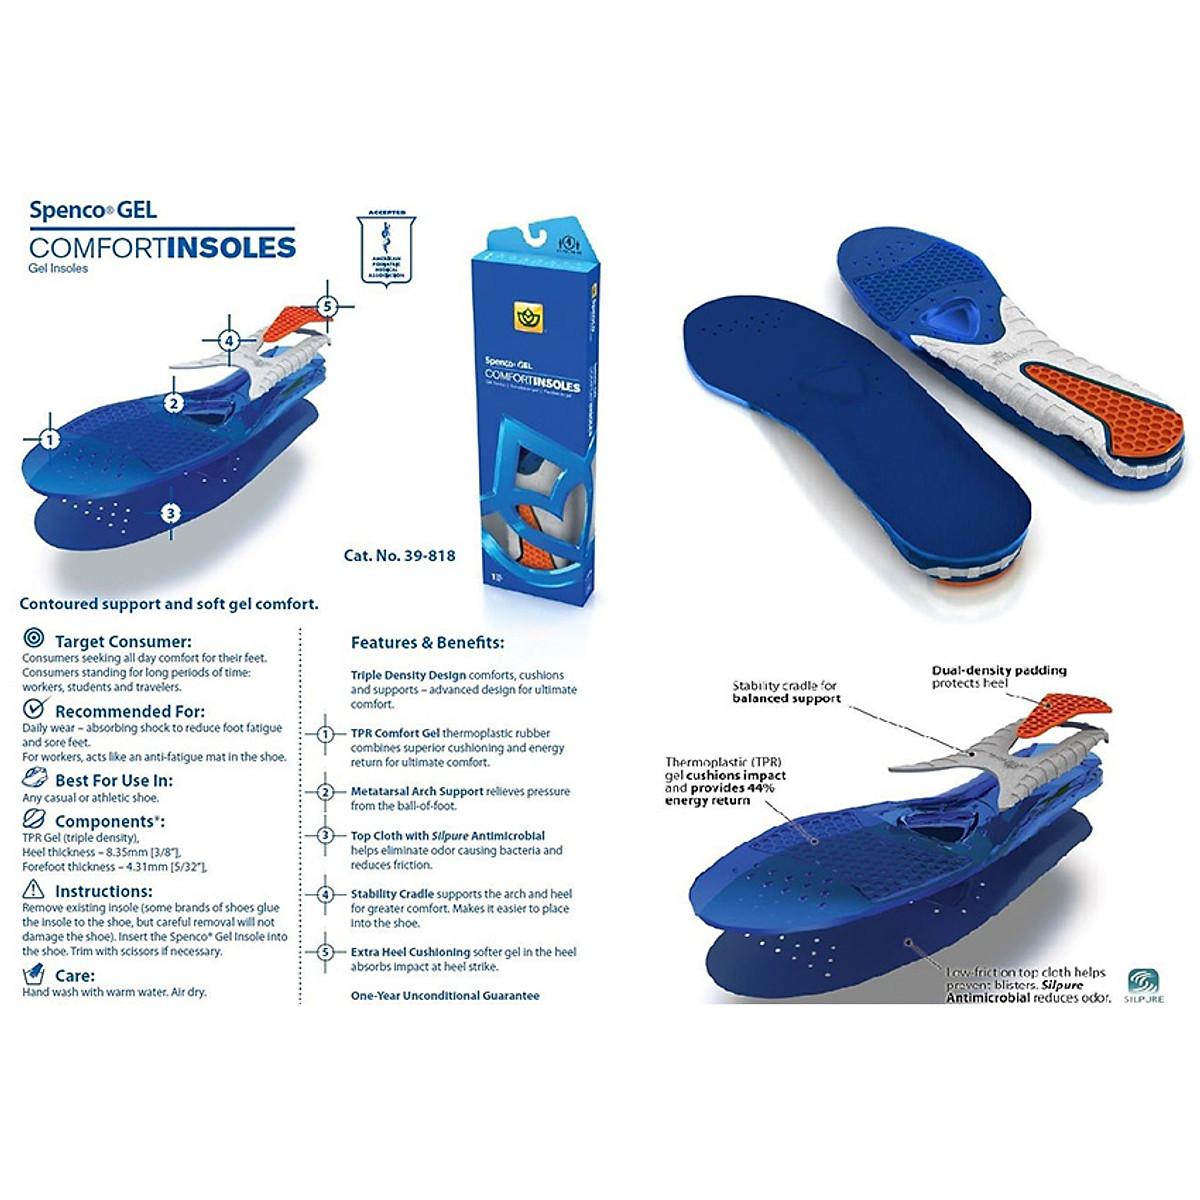 Miếng lót giày hỗ trợ đau gót Spenco Gel Comfort - Mỹ (size 0) - 2